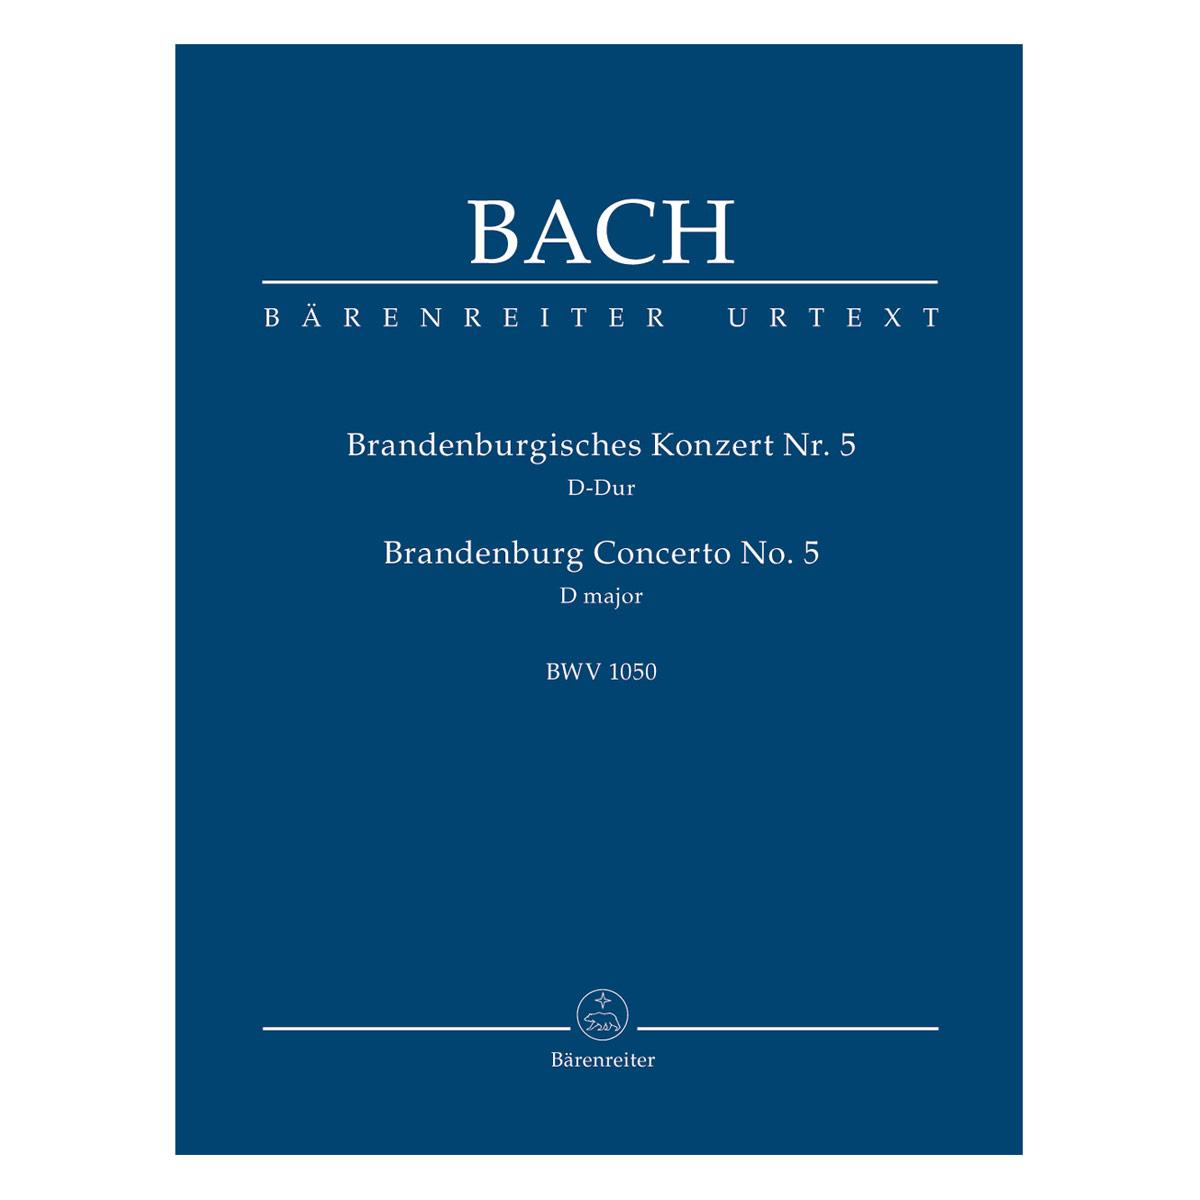 bach brandenburg concerto no 5 analysis Слушать скачать adams bach reich - bach - brandenburg concerto no3 - iii слушать скачать yehudi menuhin/elaine shaffer/george - bach brandenburg concerto no 5 in d major, bwv 1050 iii.